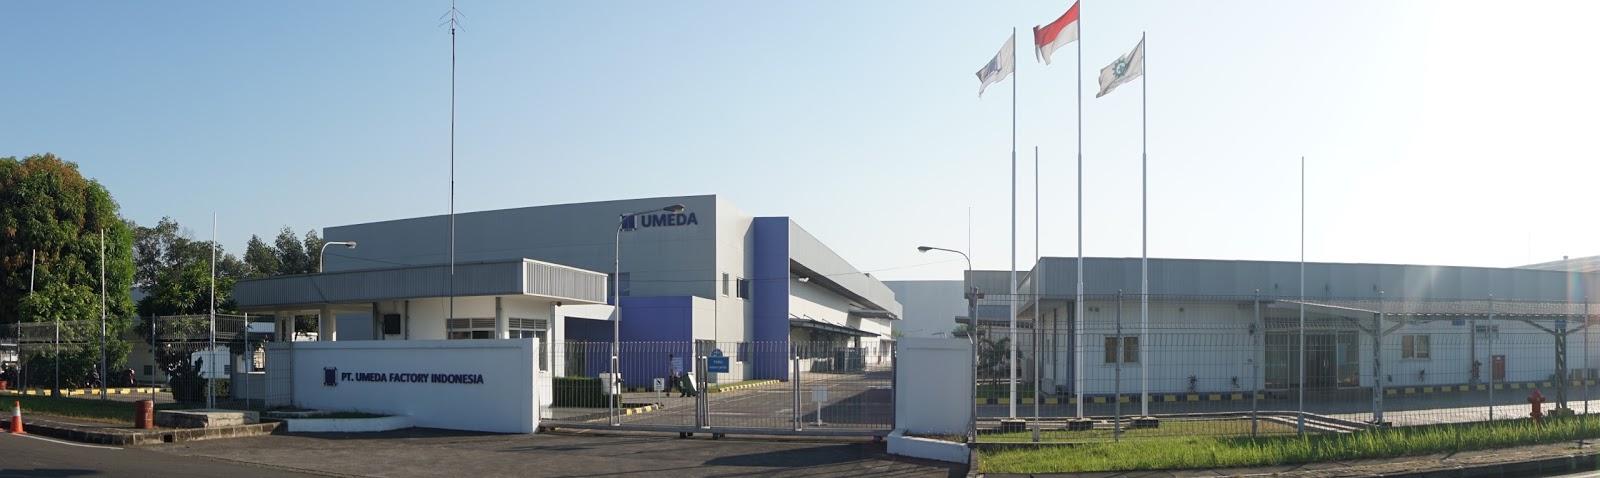 Flokloker Forum Informasi Lowongan Kerja PT Umeda Factory Indonesia